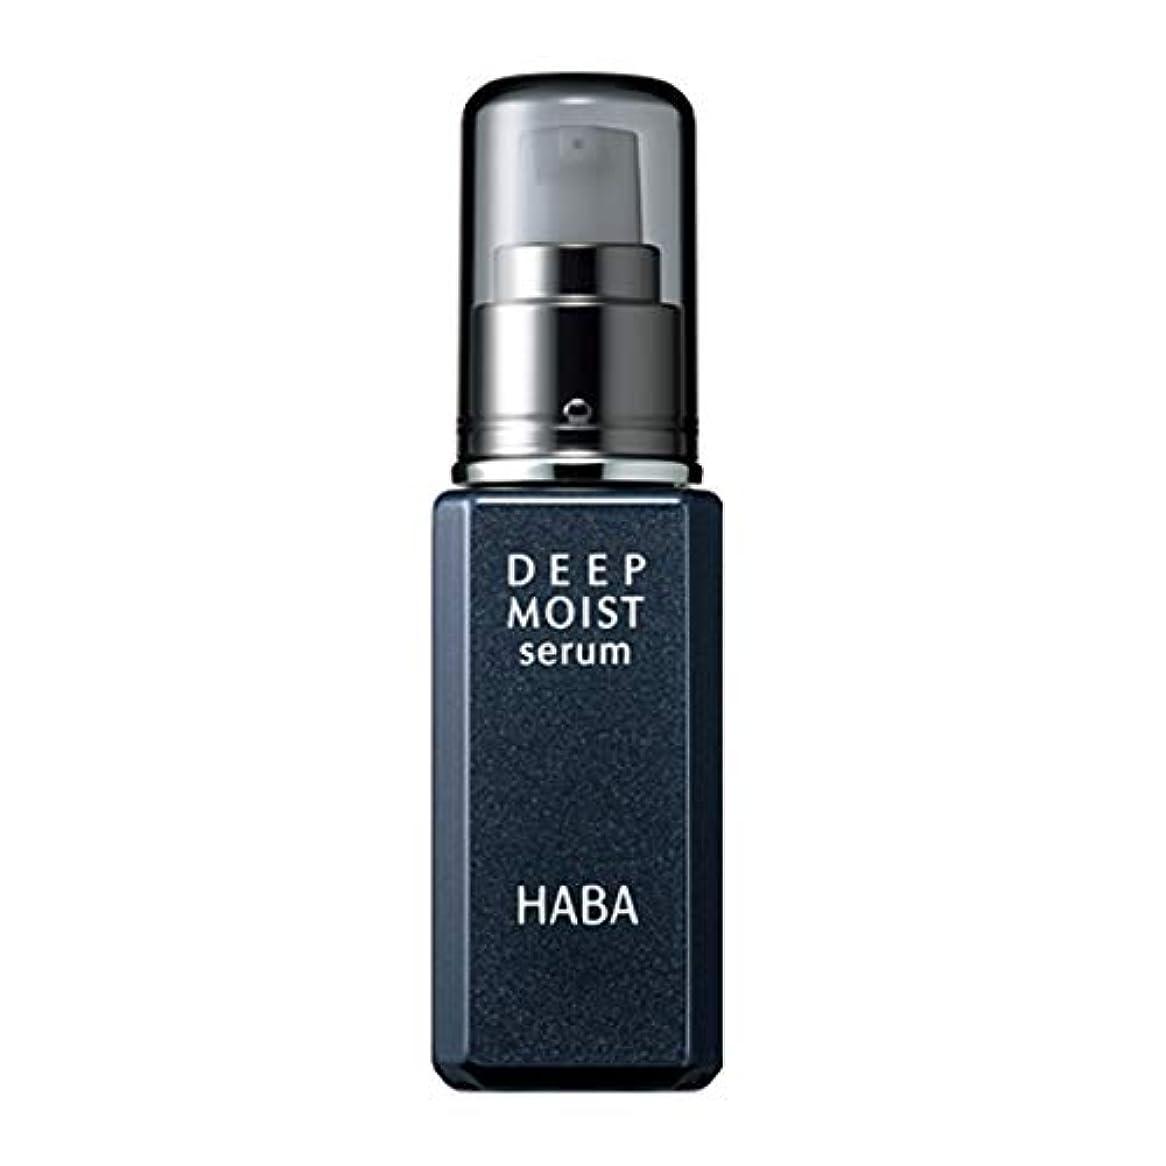 連隊有限ブルジョンHABA (ハーバー) ディープモイストセラム 15ml 美容液